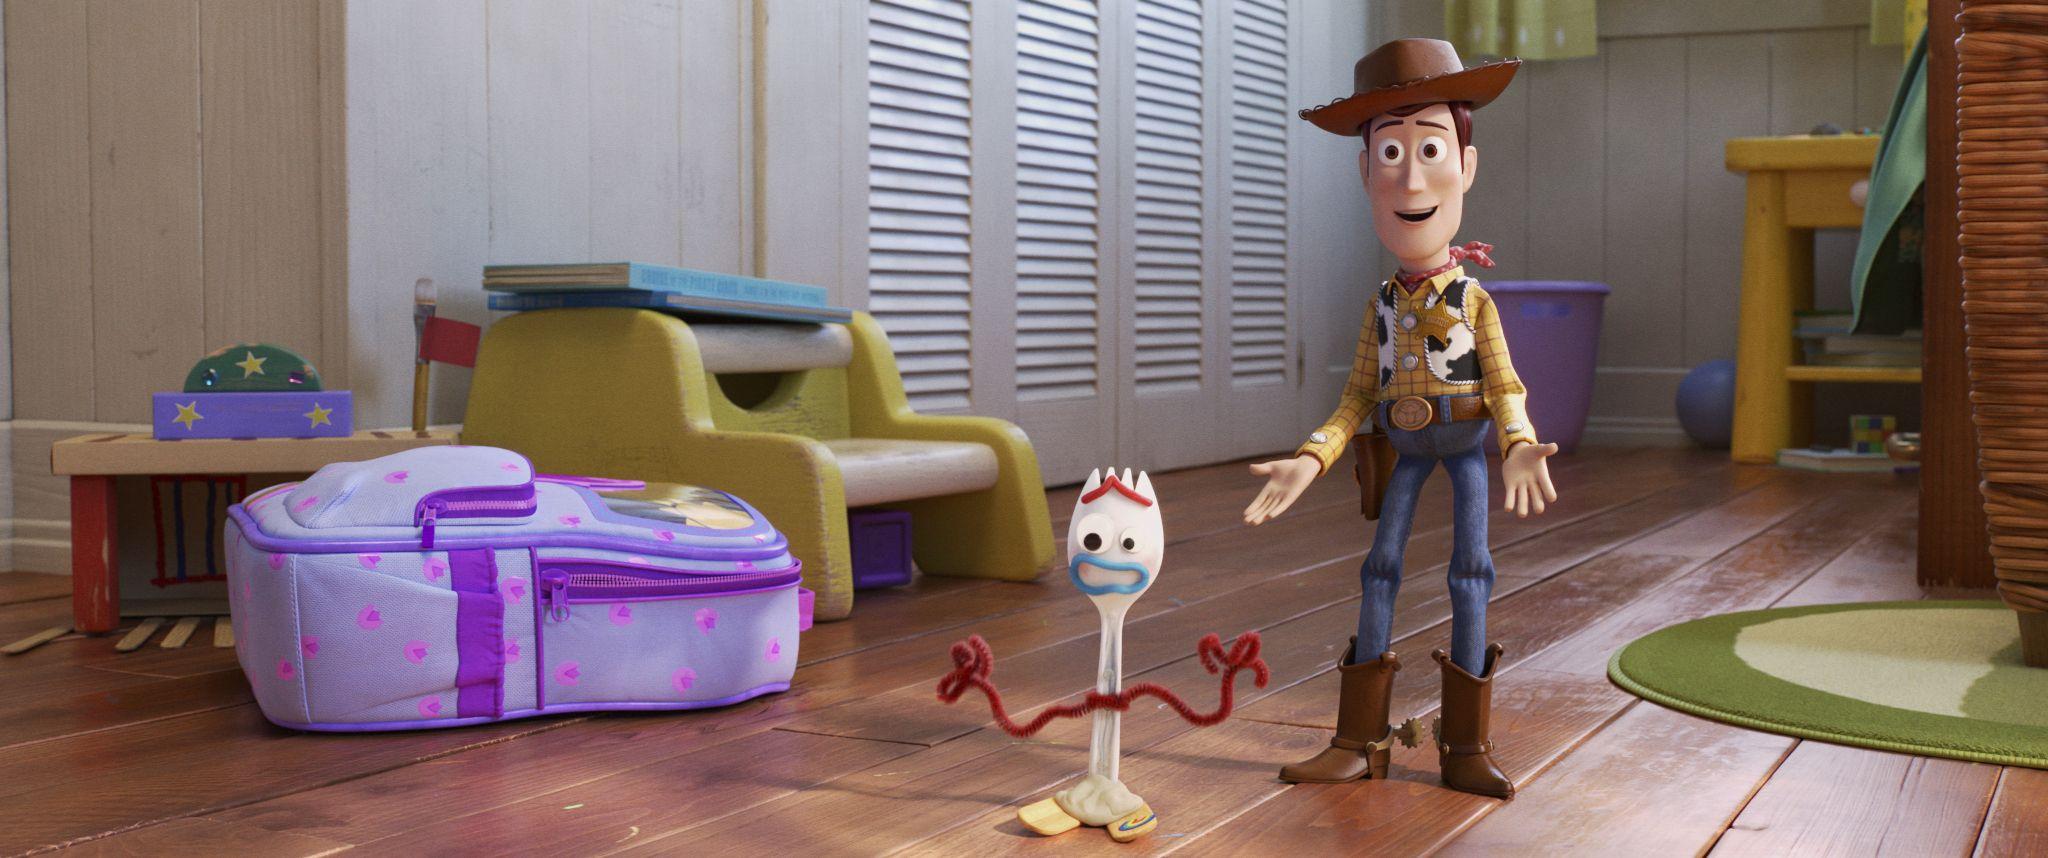 Por qué nos conmueven los protagonistas de Toy Story